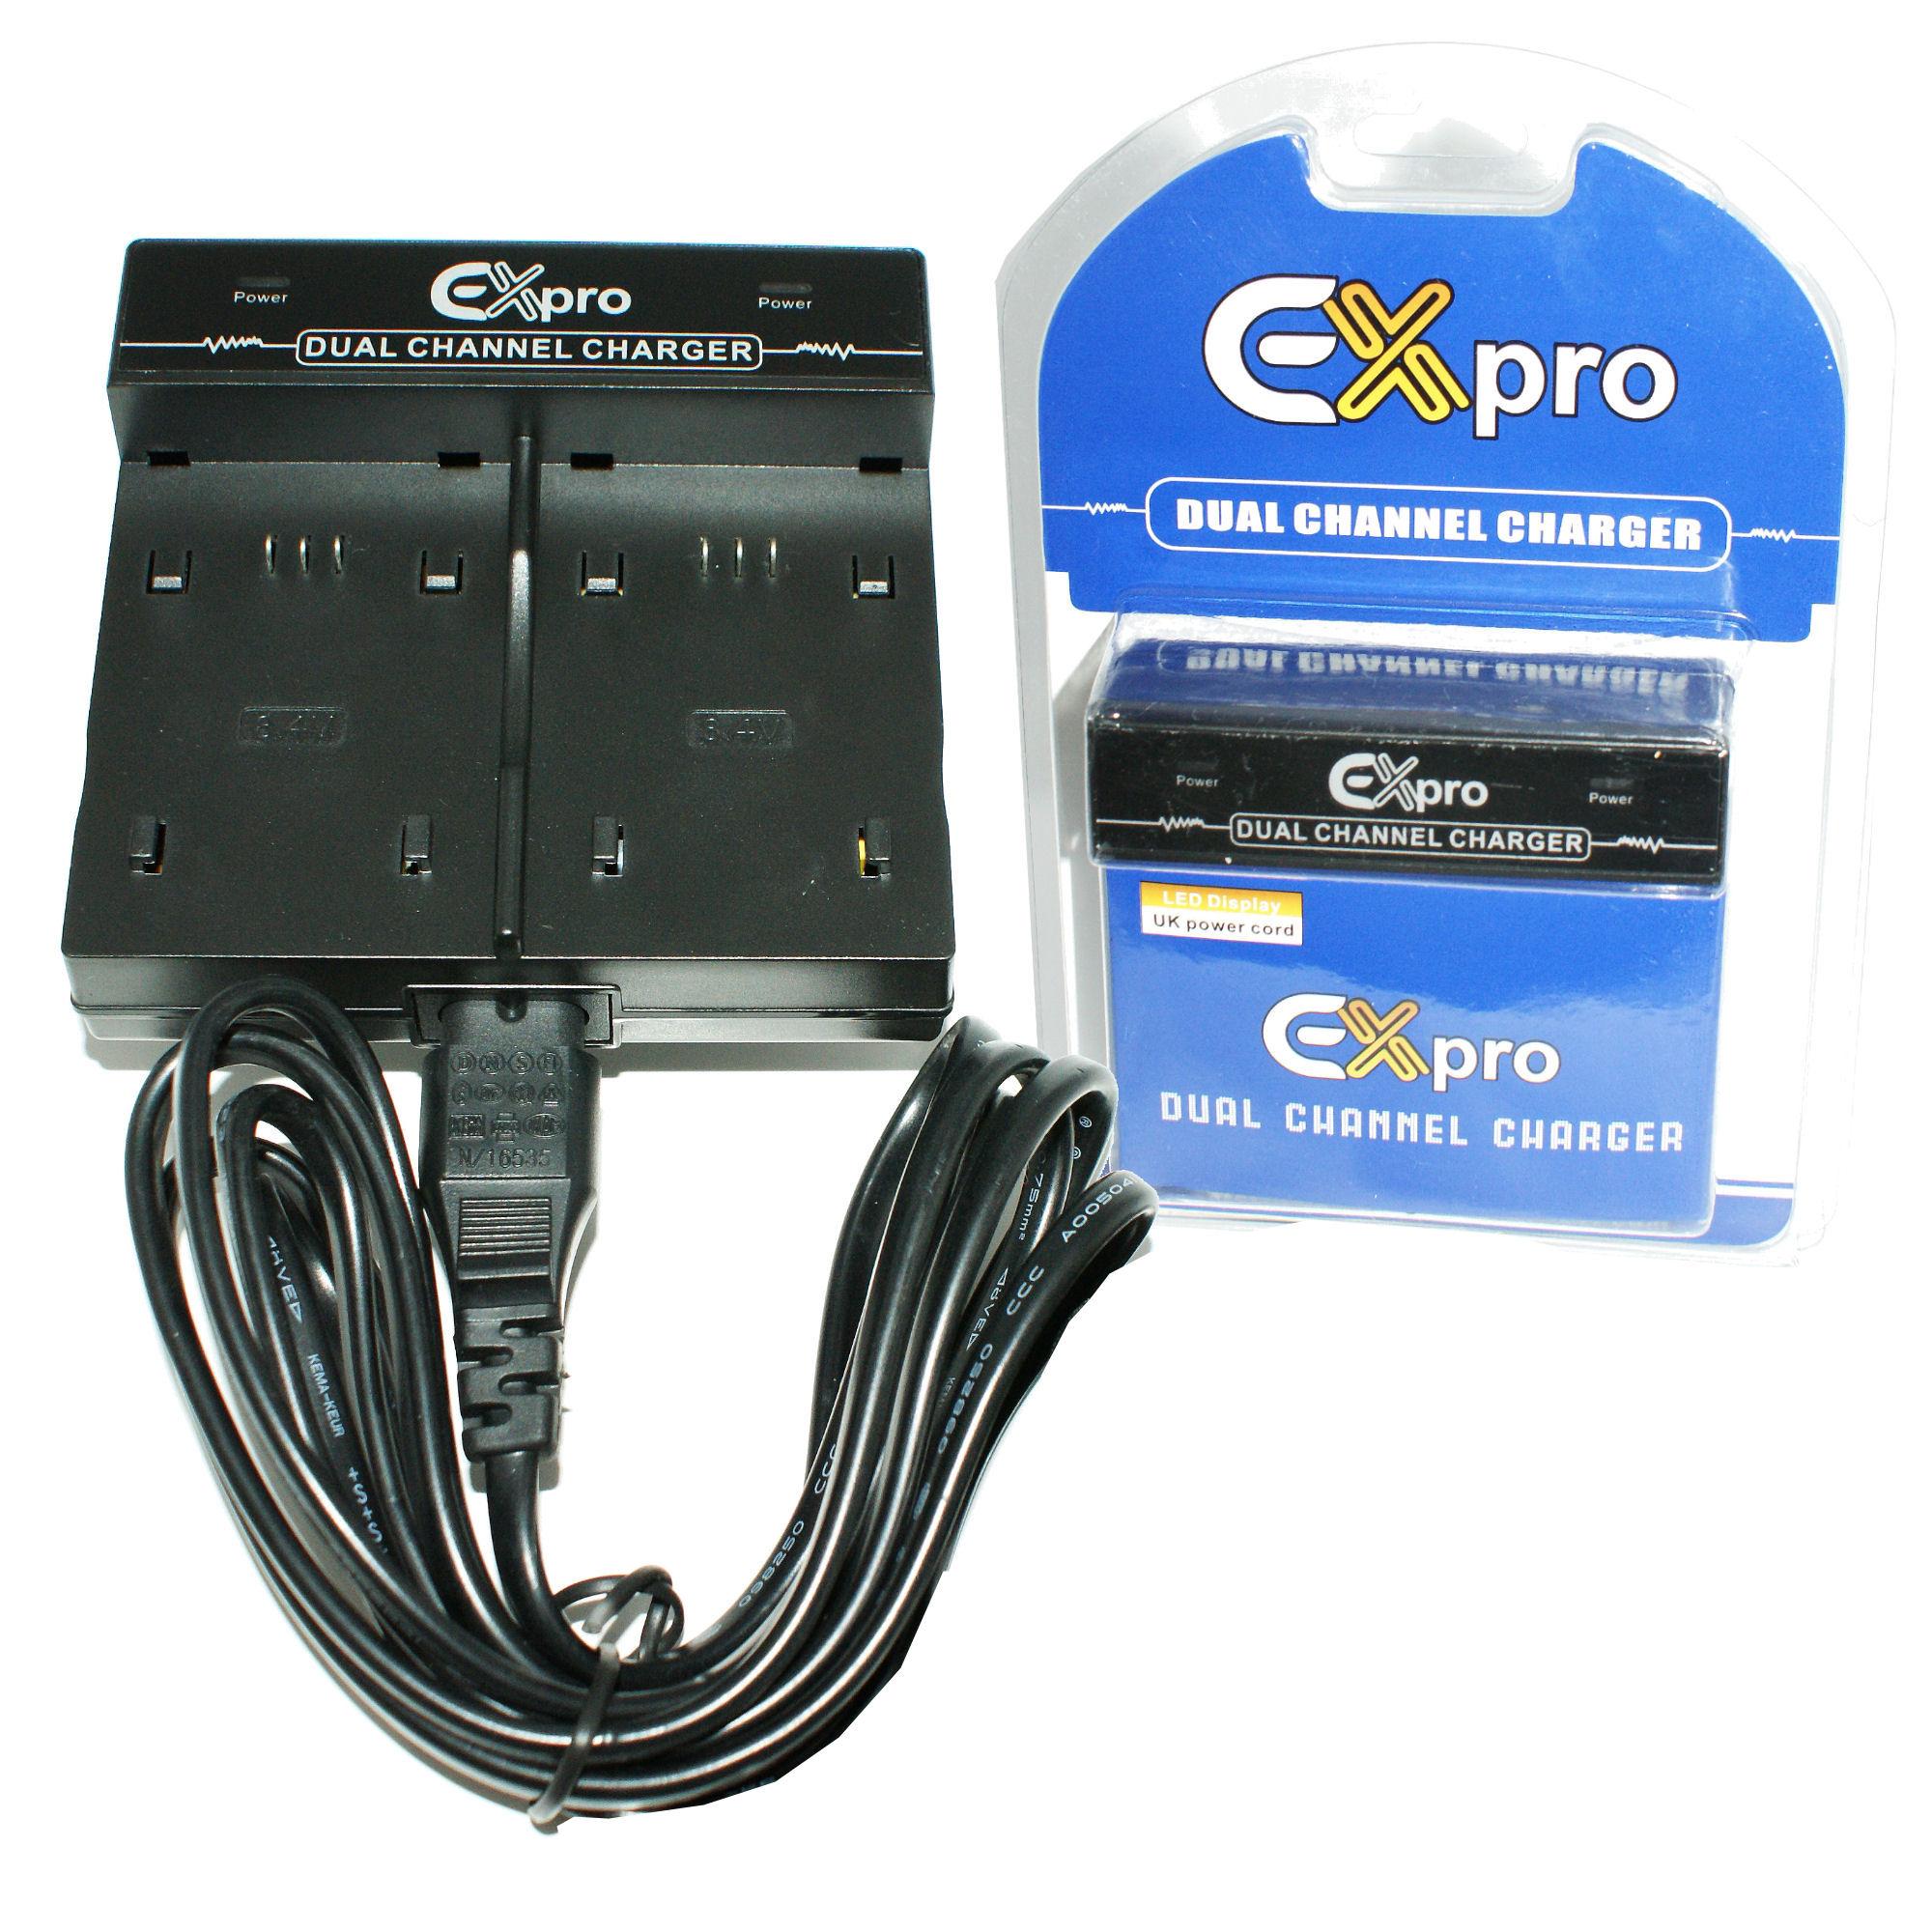 Cargador de batería de viaje DOBLE Casio Exilim NP-60 NP60 EX-Z29 EX-Z80 EX-Z85 EX-Z90